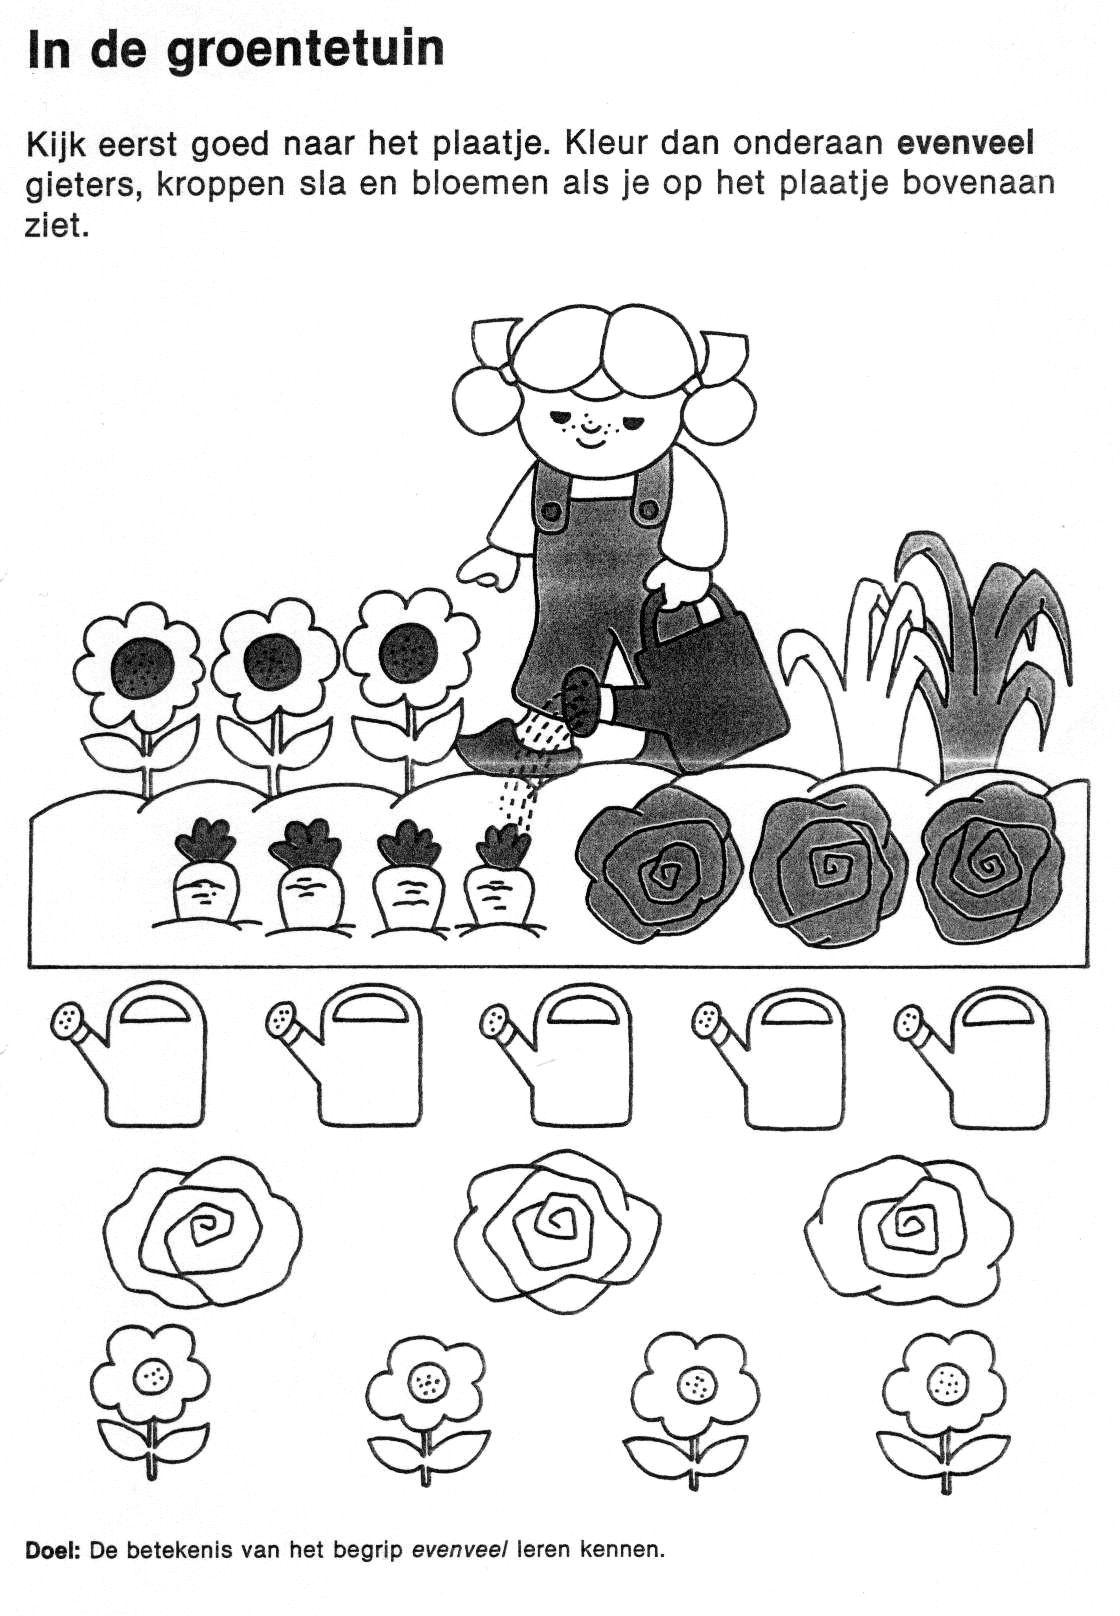 Kleuterdigitaal Wbb In De Groentetuin Groentetuin Thema Tuin En Dier